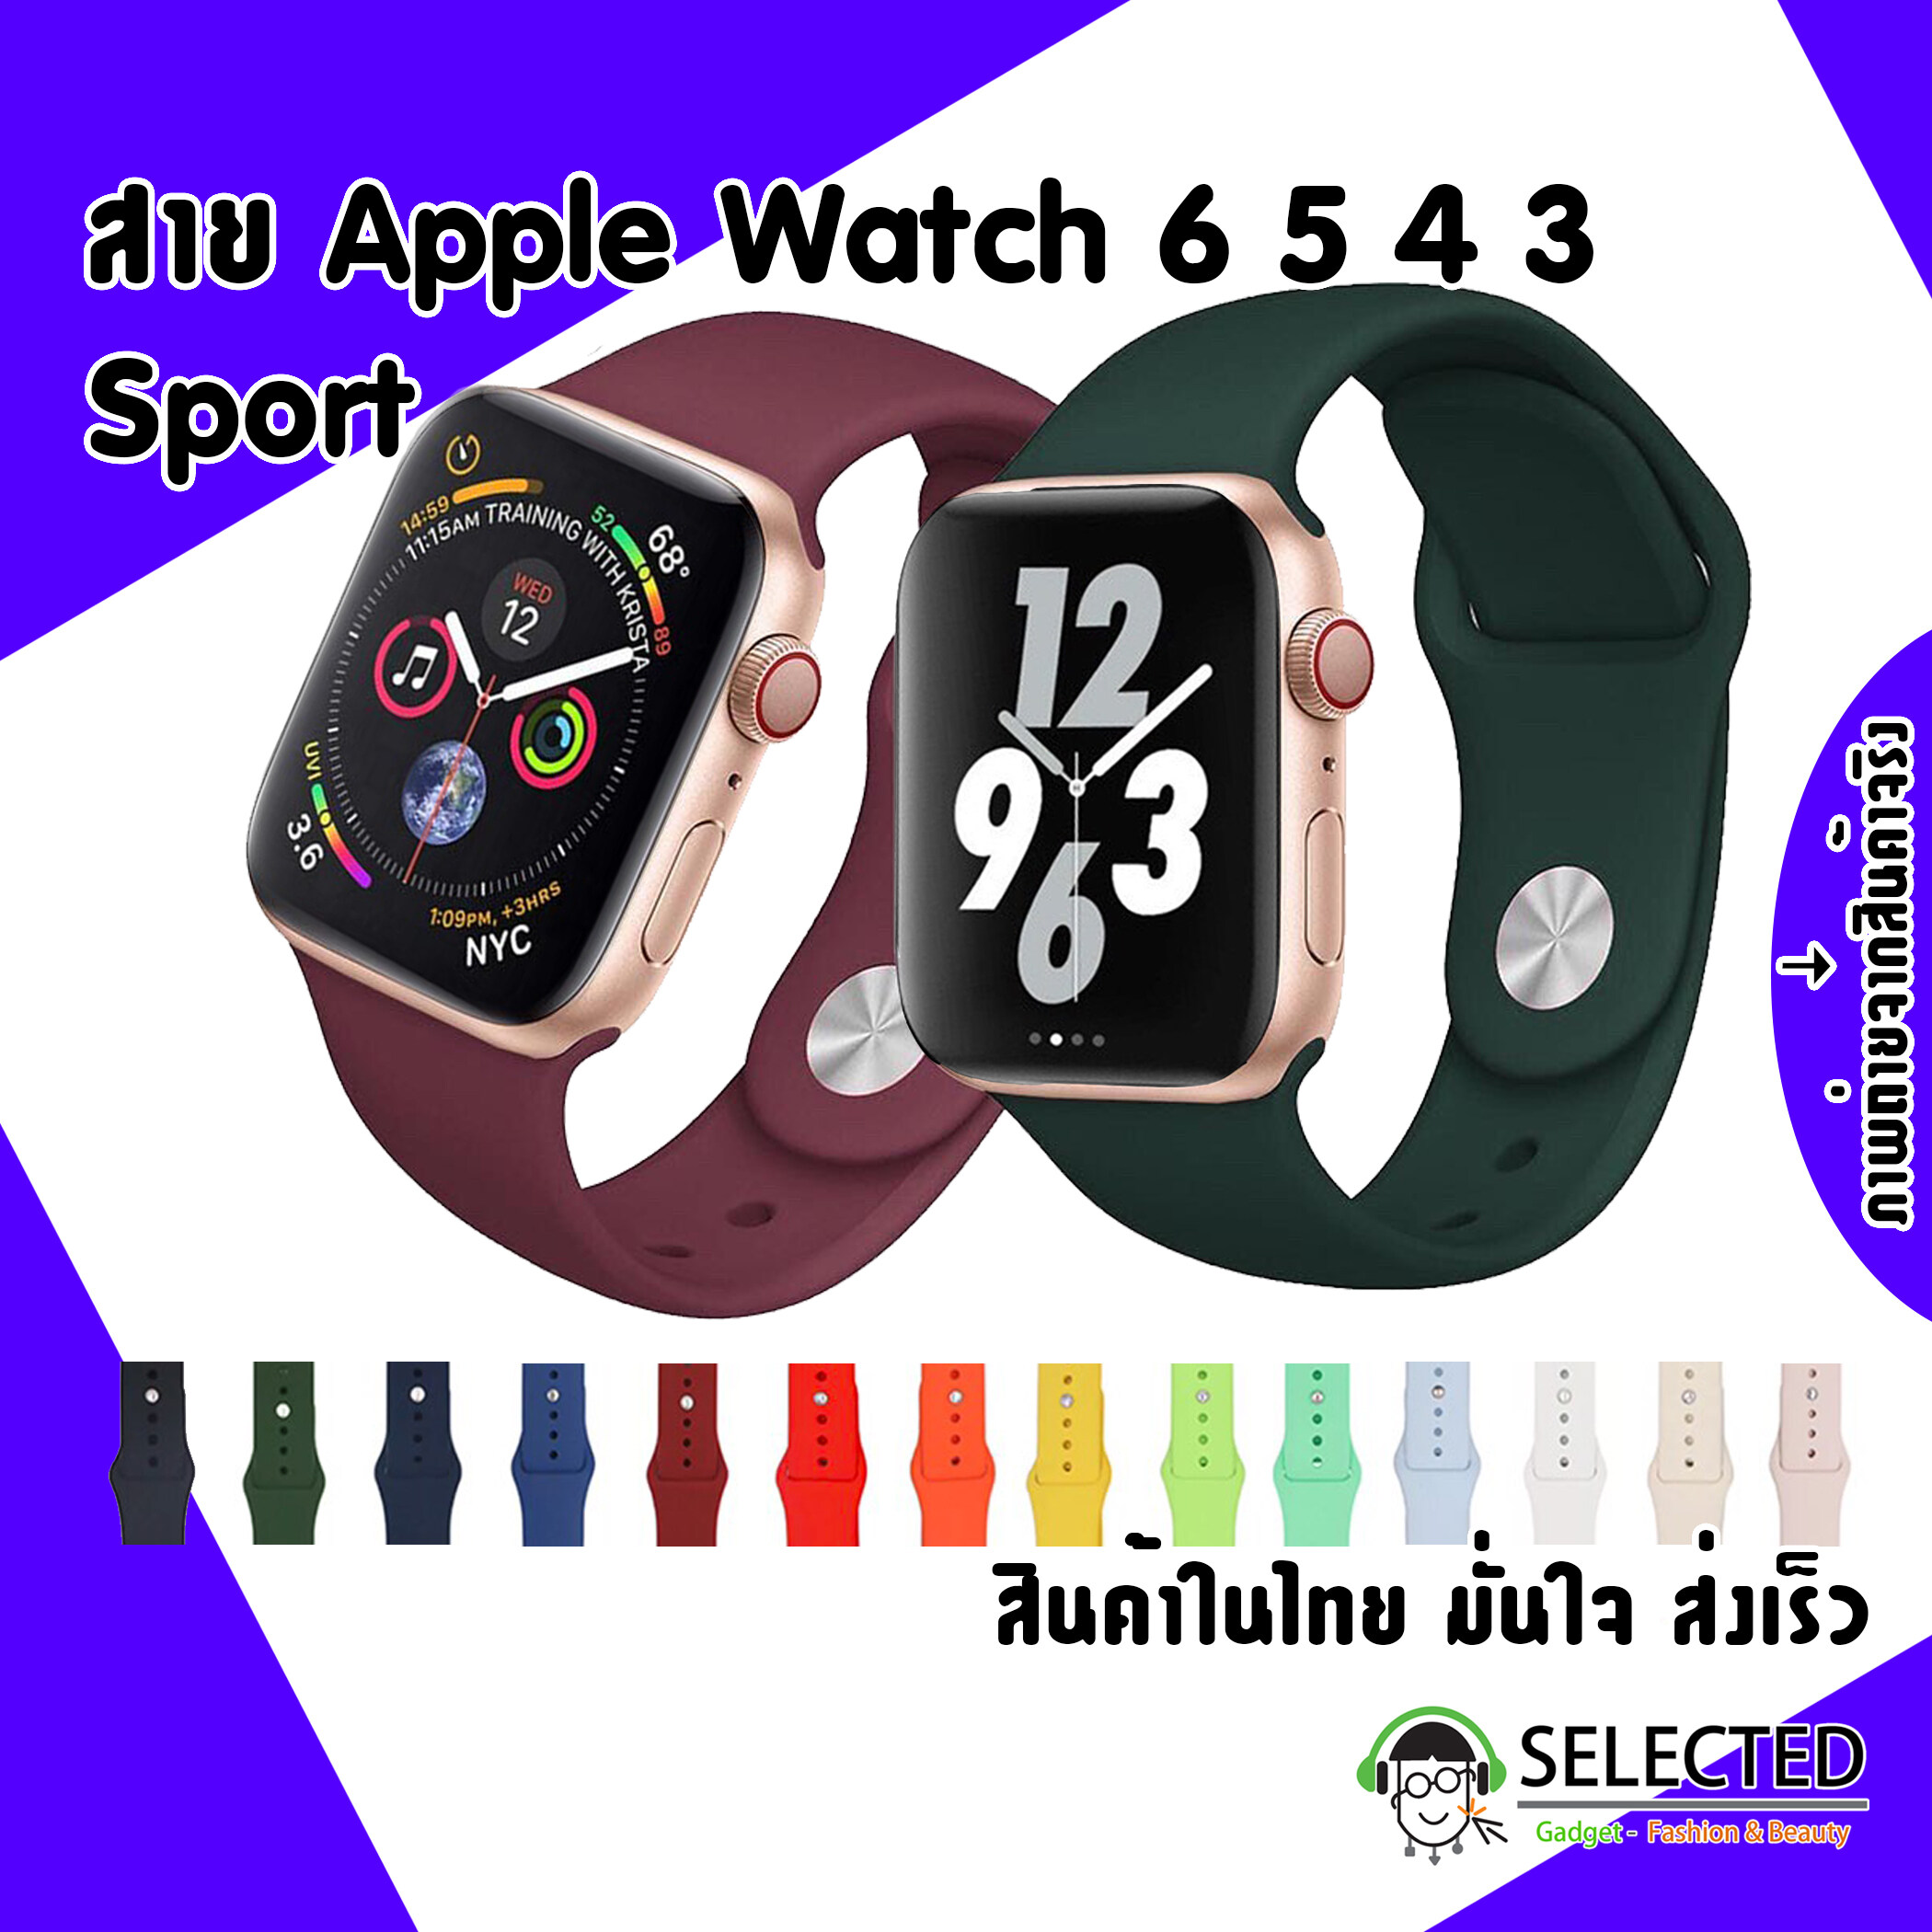 [ส่งเร็ว สต๊อกไทย] สาย Apple Watch Sport Band สายซิลิโคน สำหรับ Applewatch Series 6 5 4 3 ตัวเรื่อน 44mm 40mm 42mm 38mm.